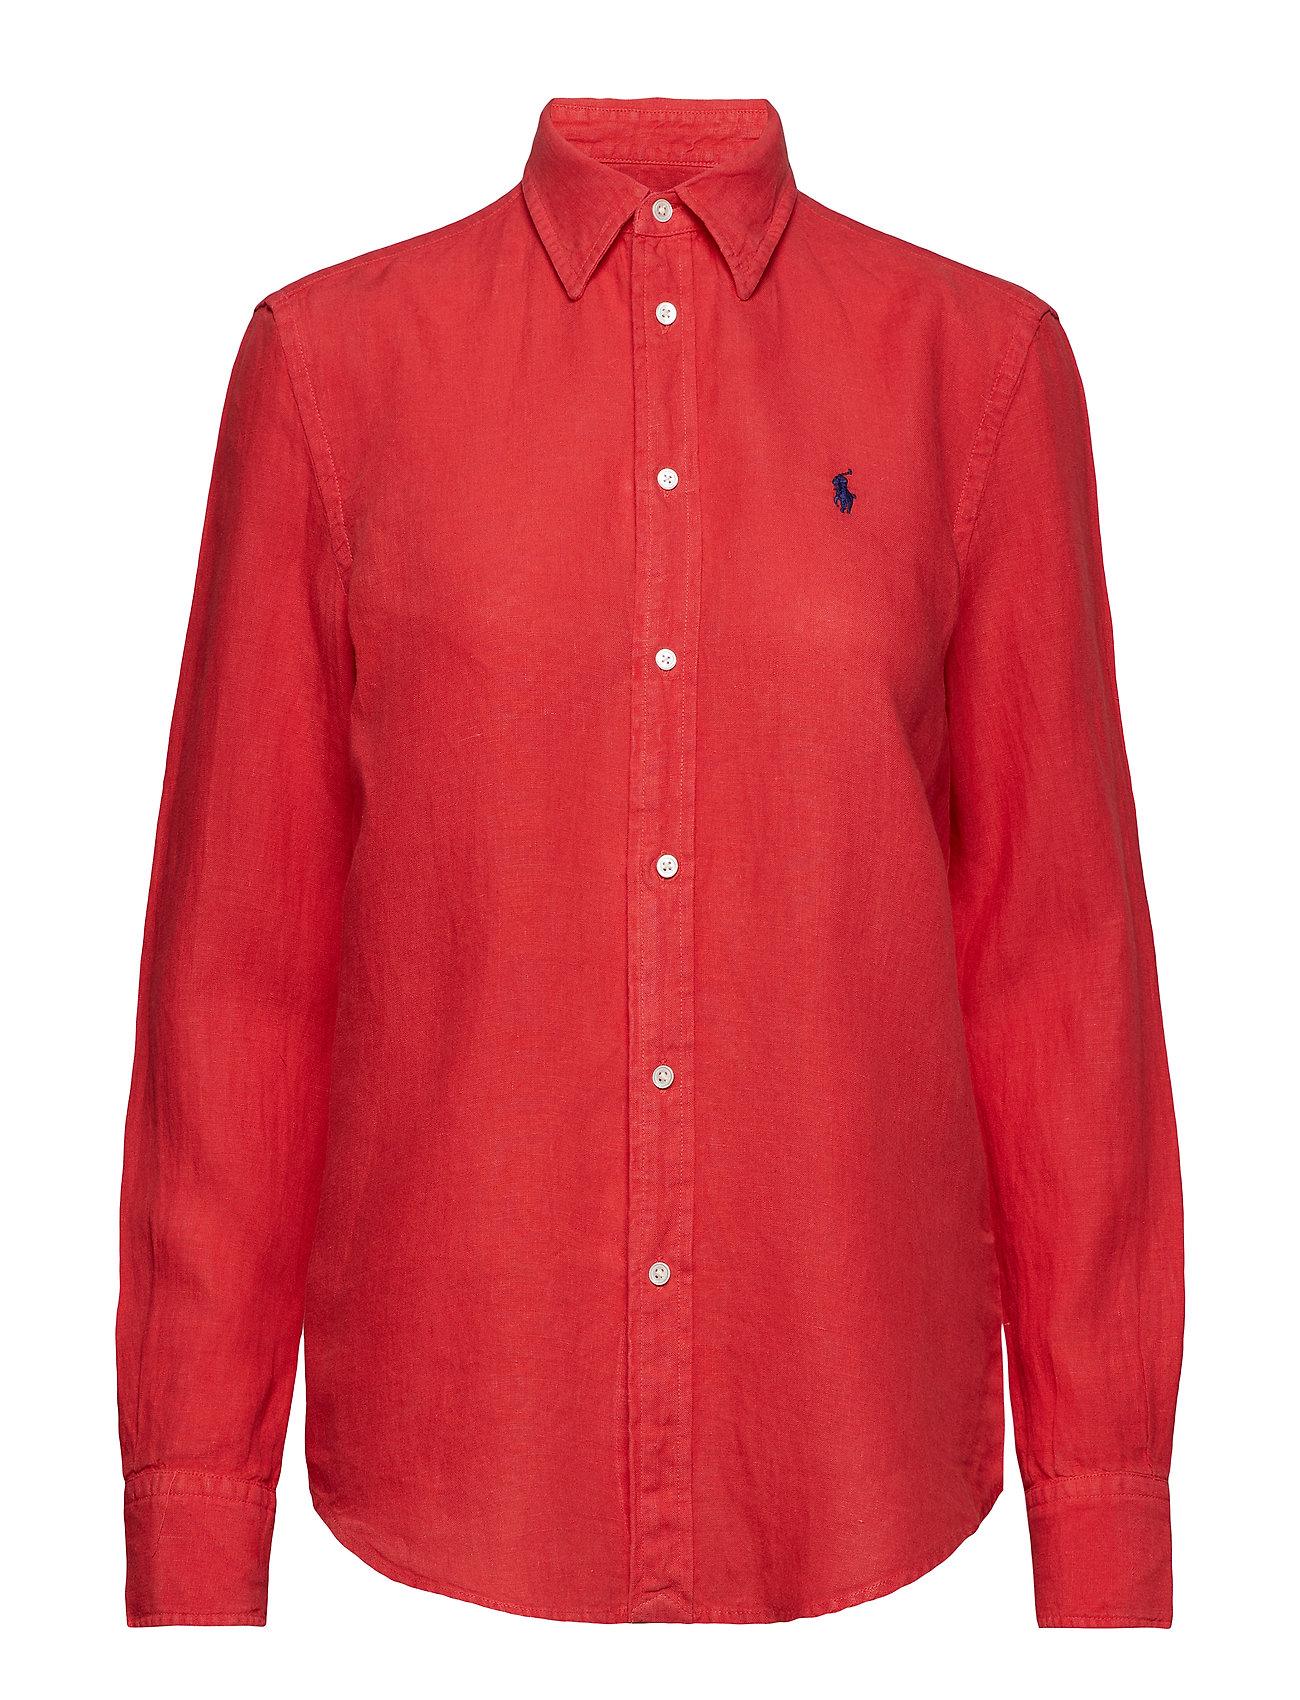 Polo Ralph Lauren GARMENT DYE LINEN-LSL-SHT - FADED RED